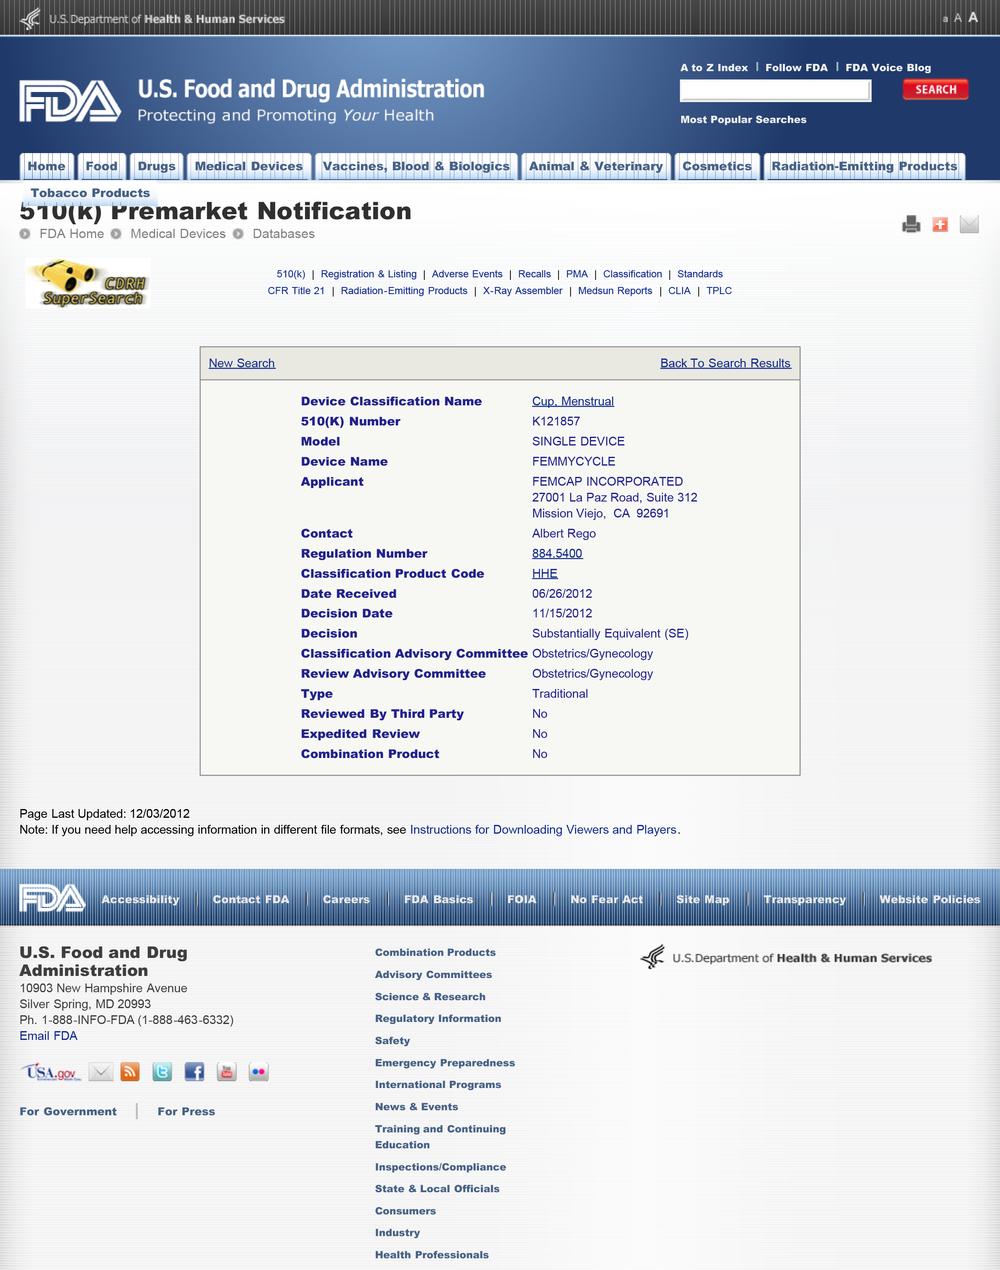 Підтвердження ФемміЦикл ® Американською Адміністрацією харчових продуктів і ліків (FDA) 2012, США